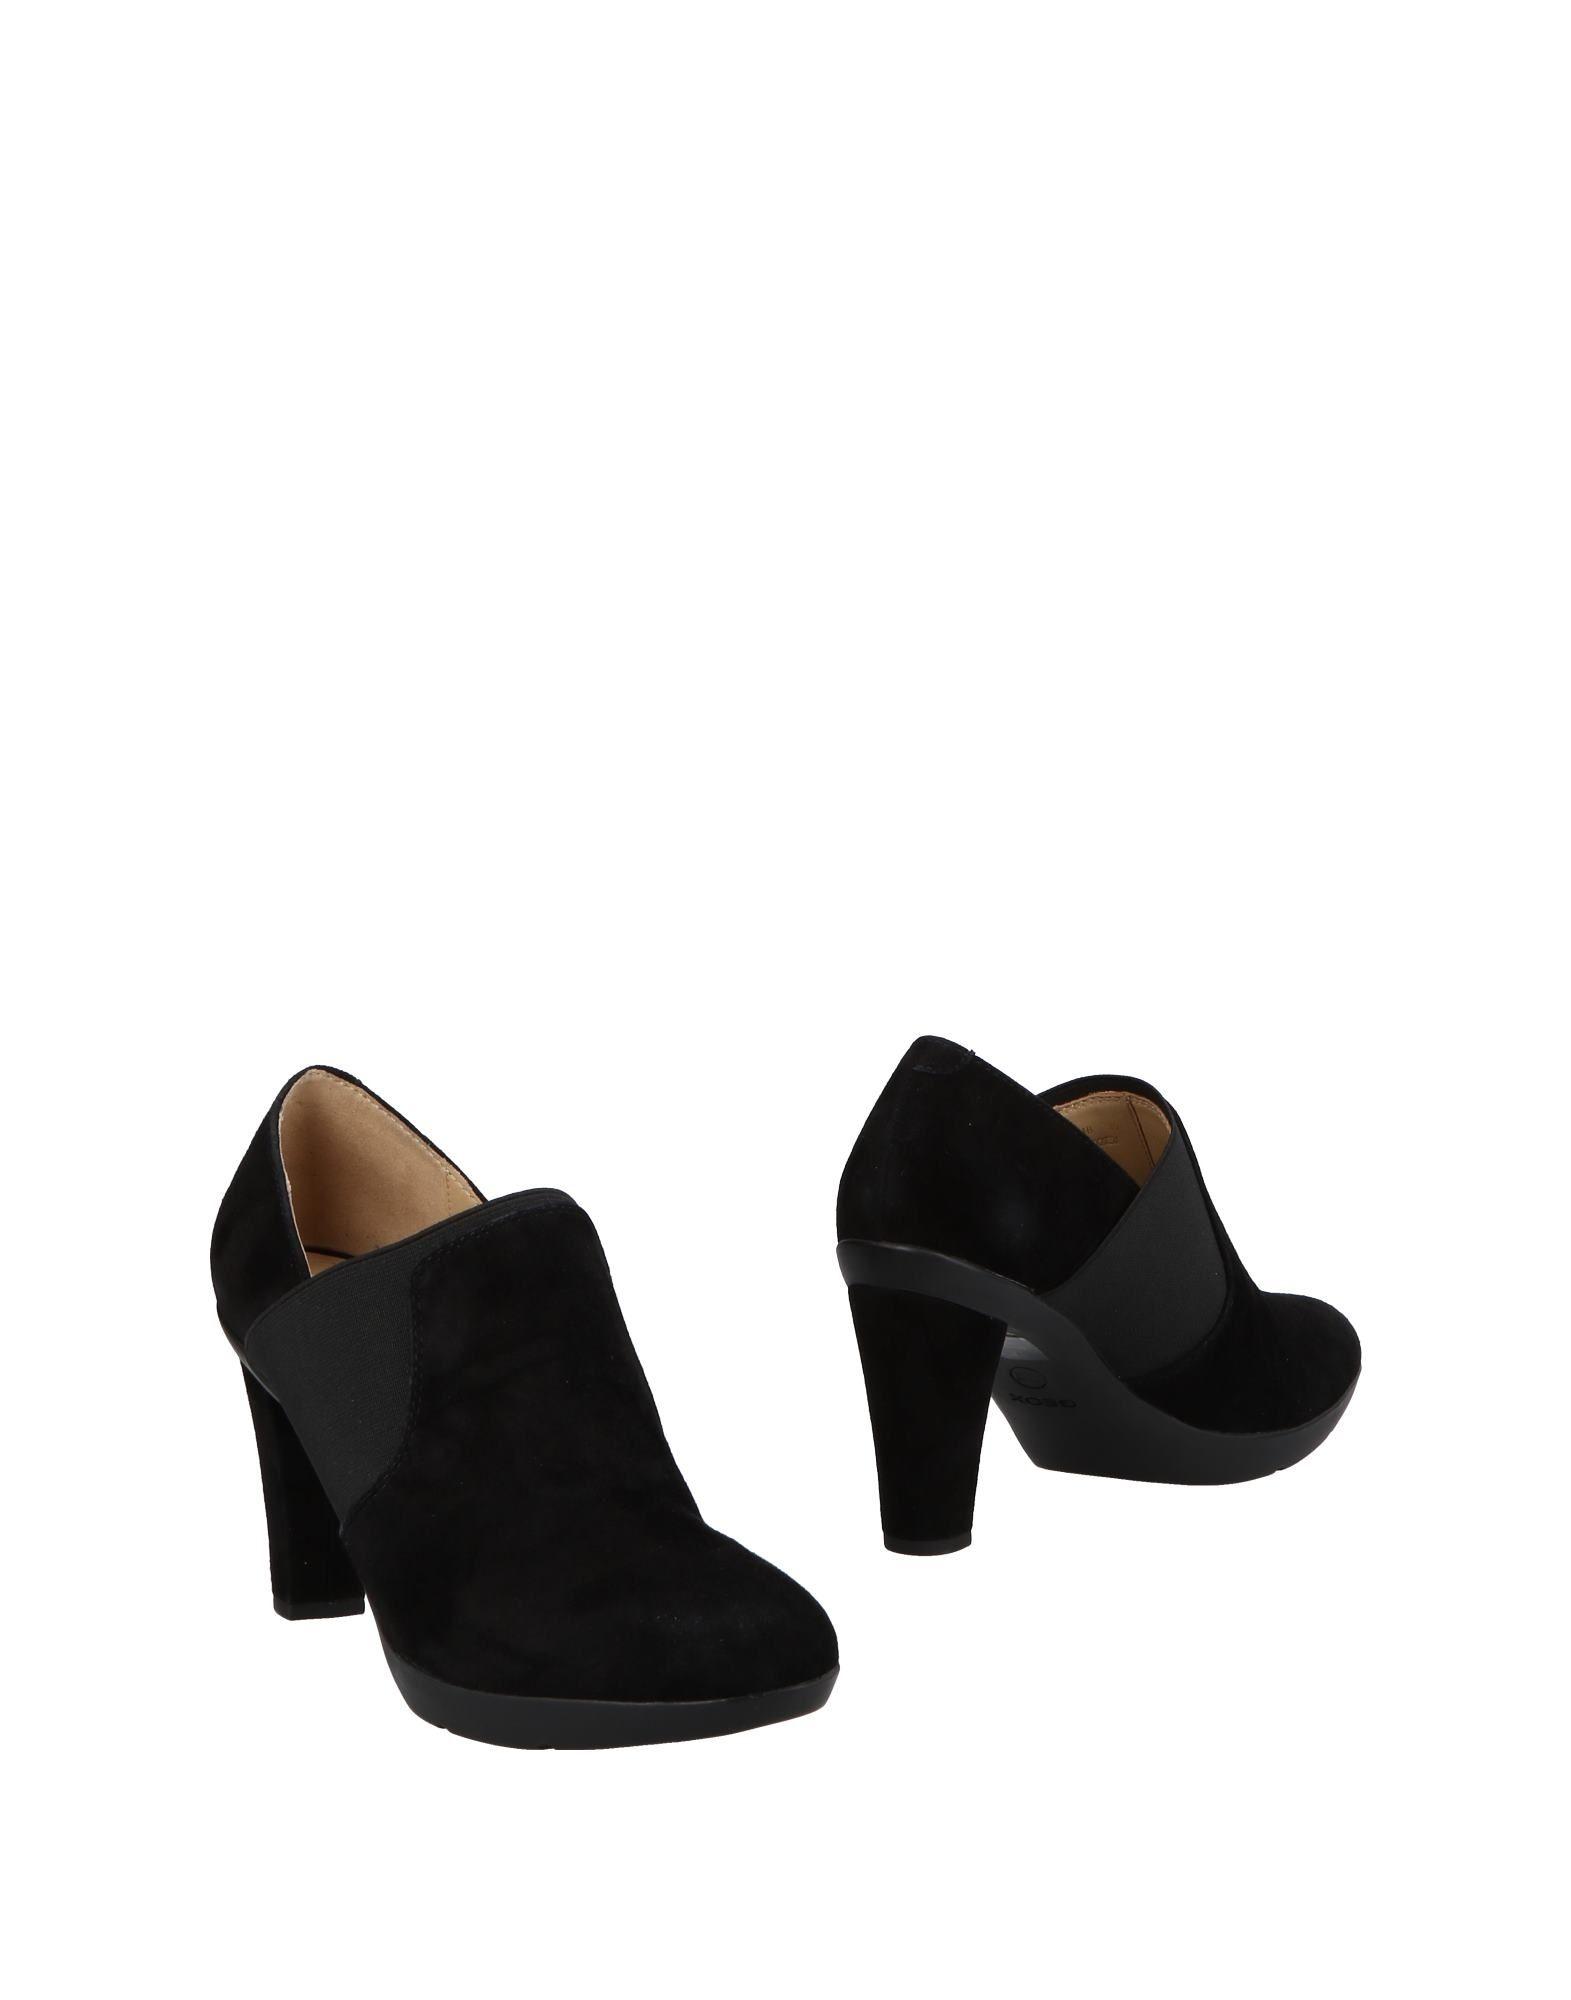 Geox Stiefelette Damen  11499089HP Gute Qualität beliebte Schuhe